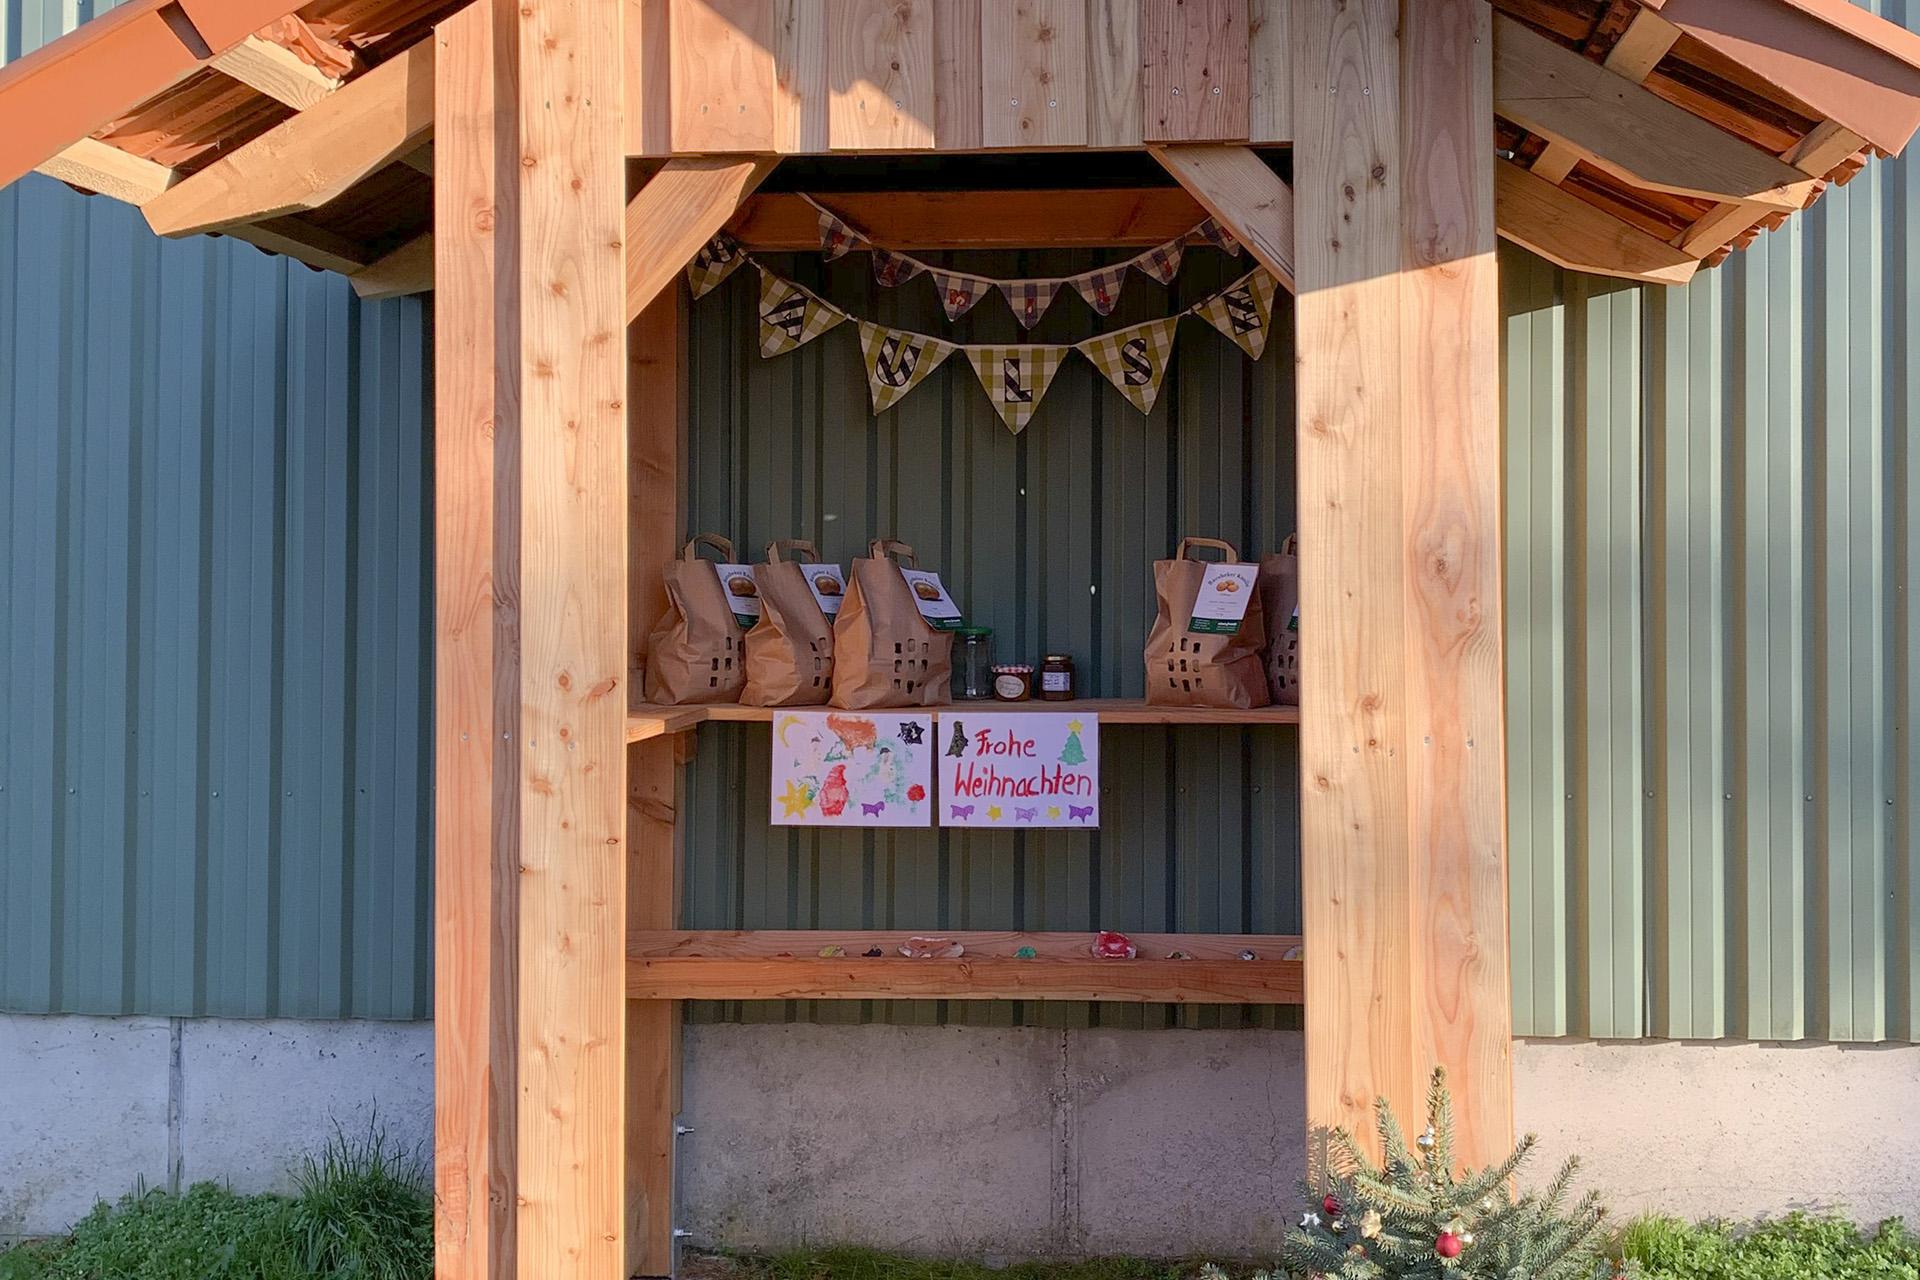 Nachhaltig einkaufen in der Probstei: Barsbeker Knolle